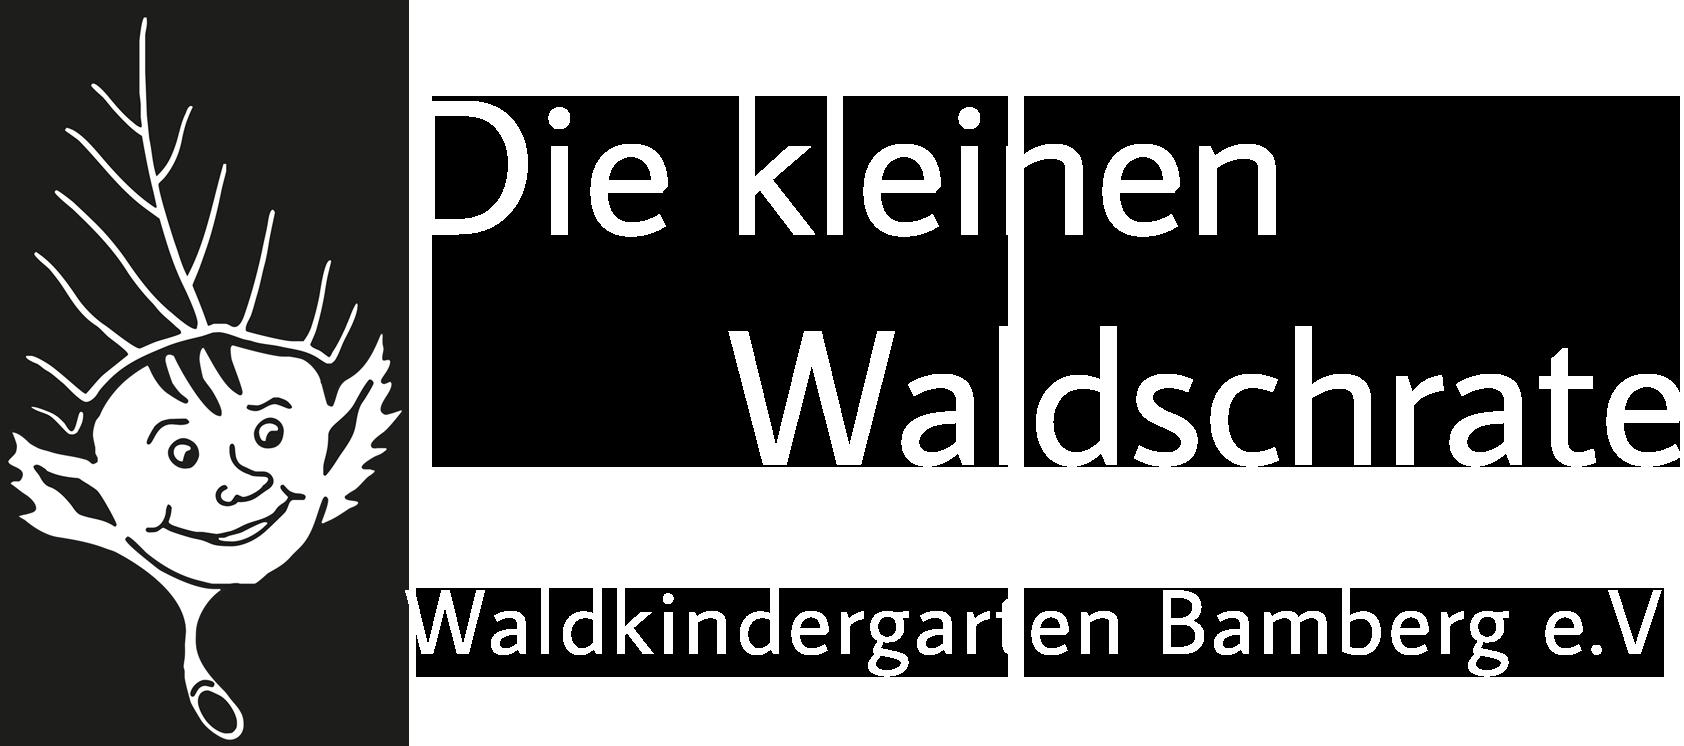 Die kleinen Waldschrate Waldkindergarten Bamberg e.V.